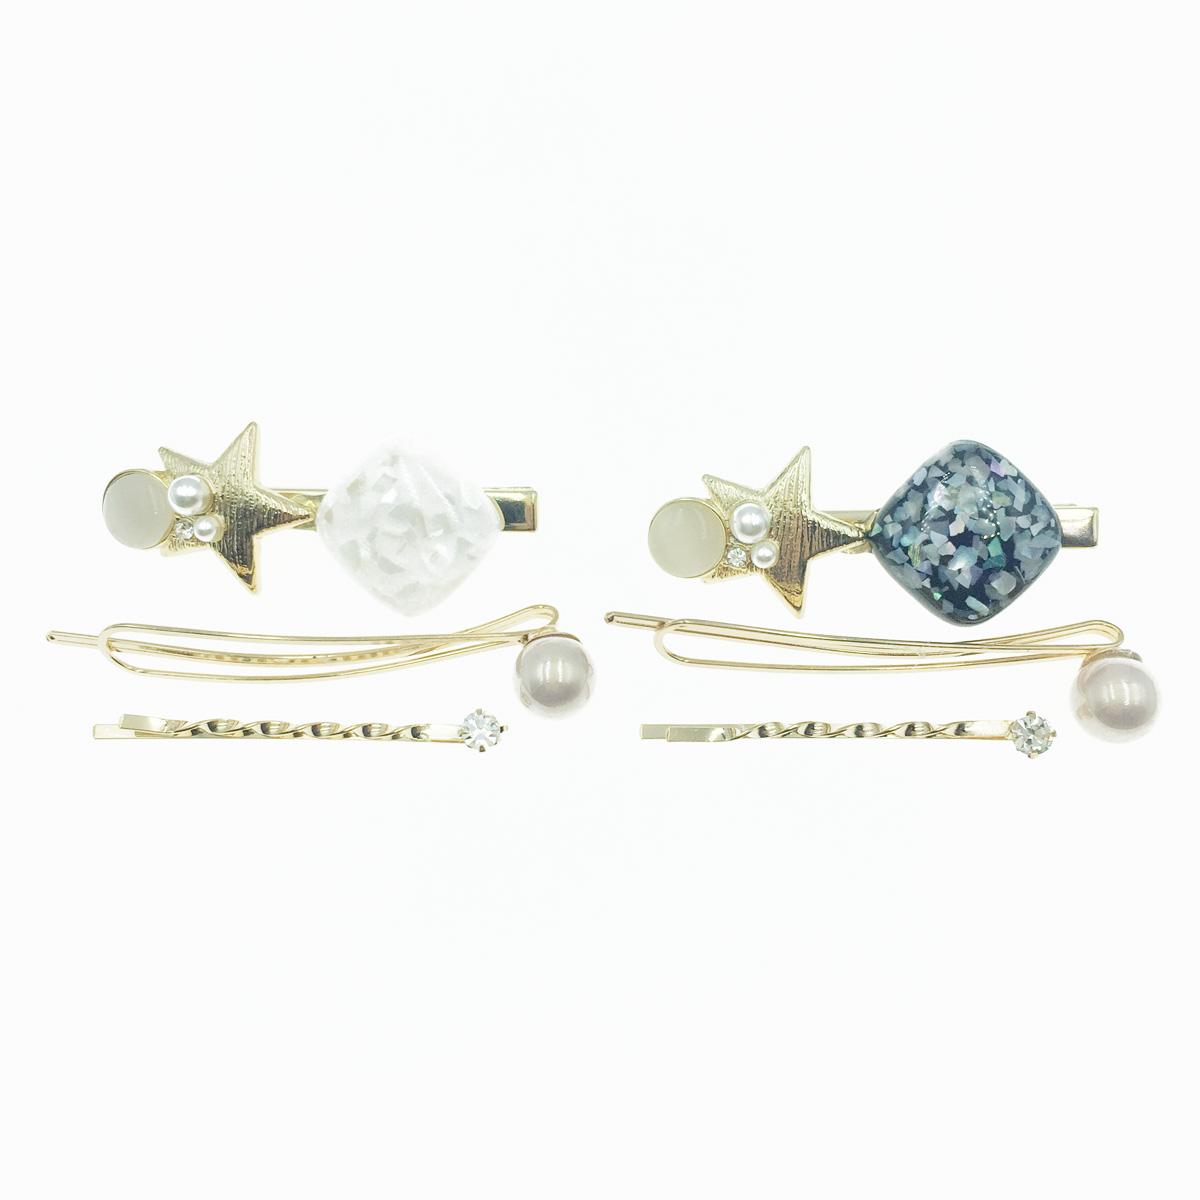 韓國 珍珠 星星 水鑽 寶石 3入組 兩色 髮飾 髮夾 線夾 壓夾